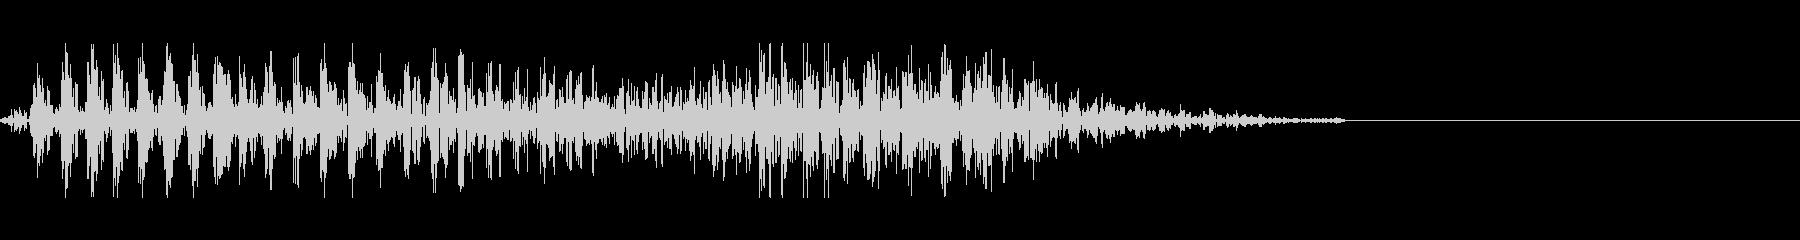 ゾンビの発声に 5の未再生の波形